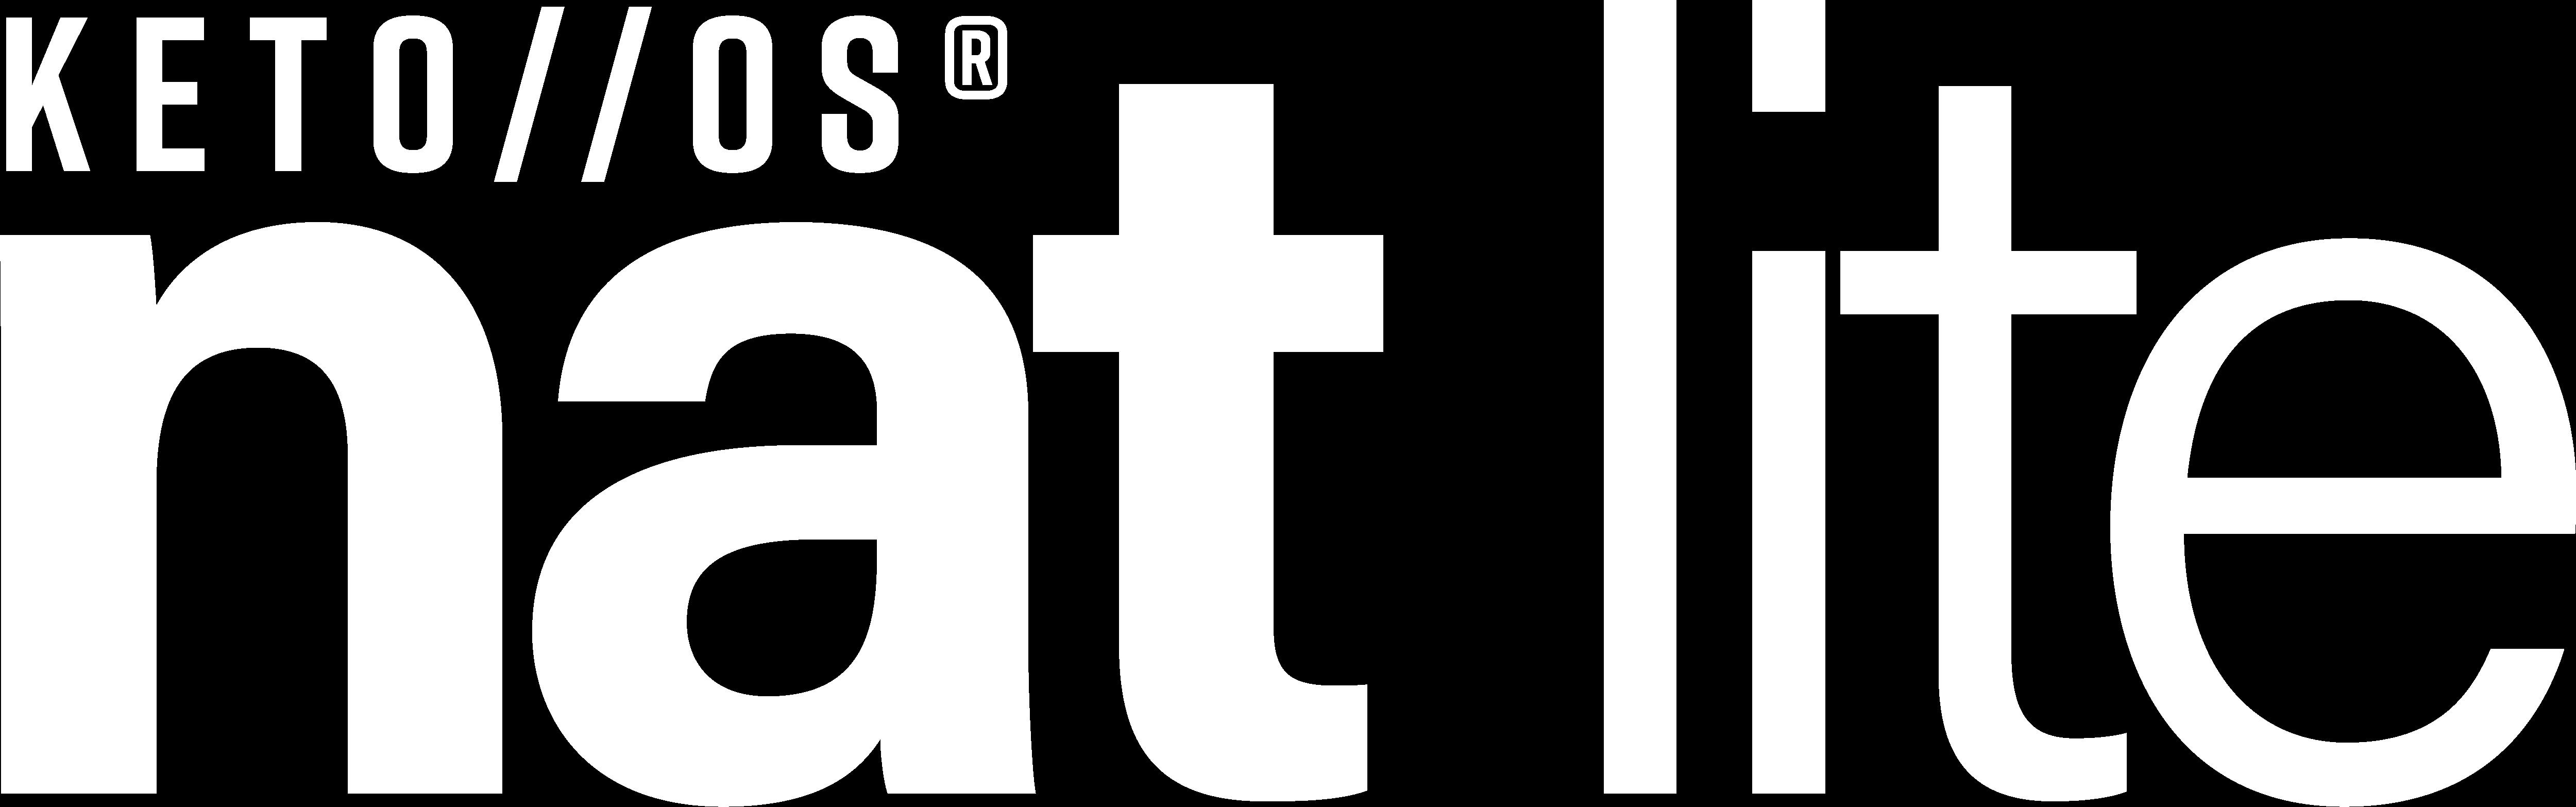 otg-banner-title-image